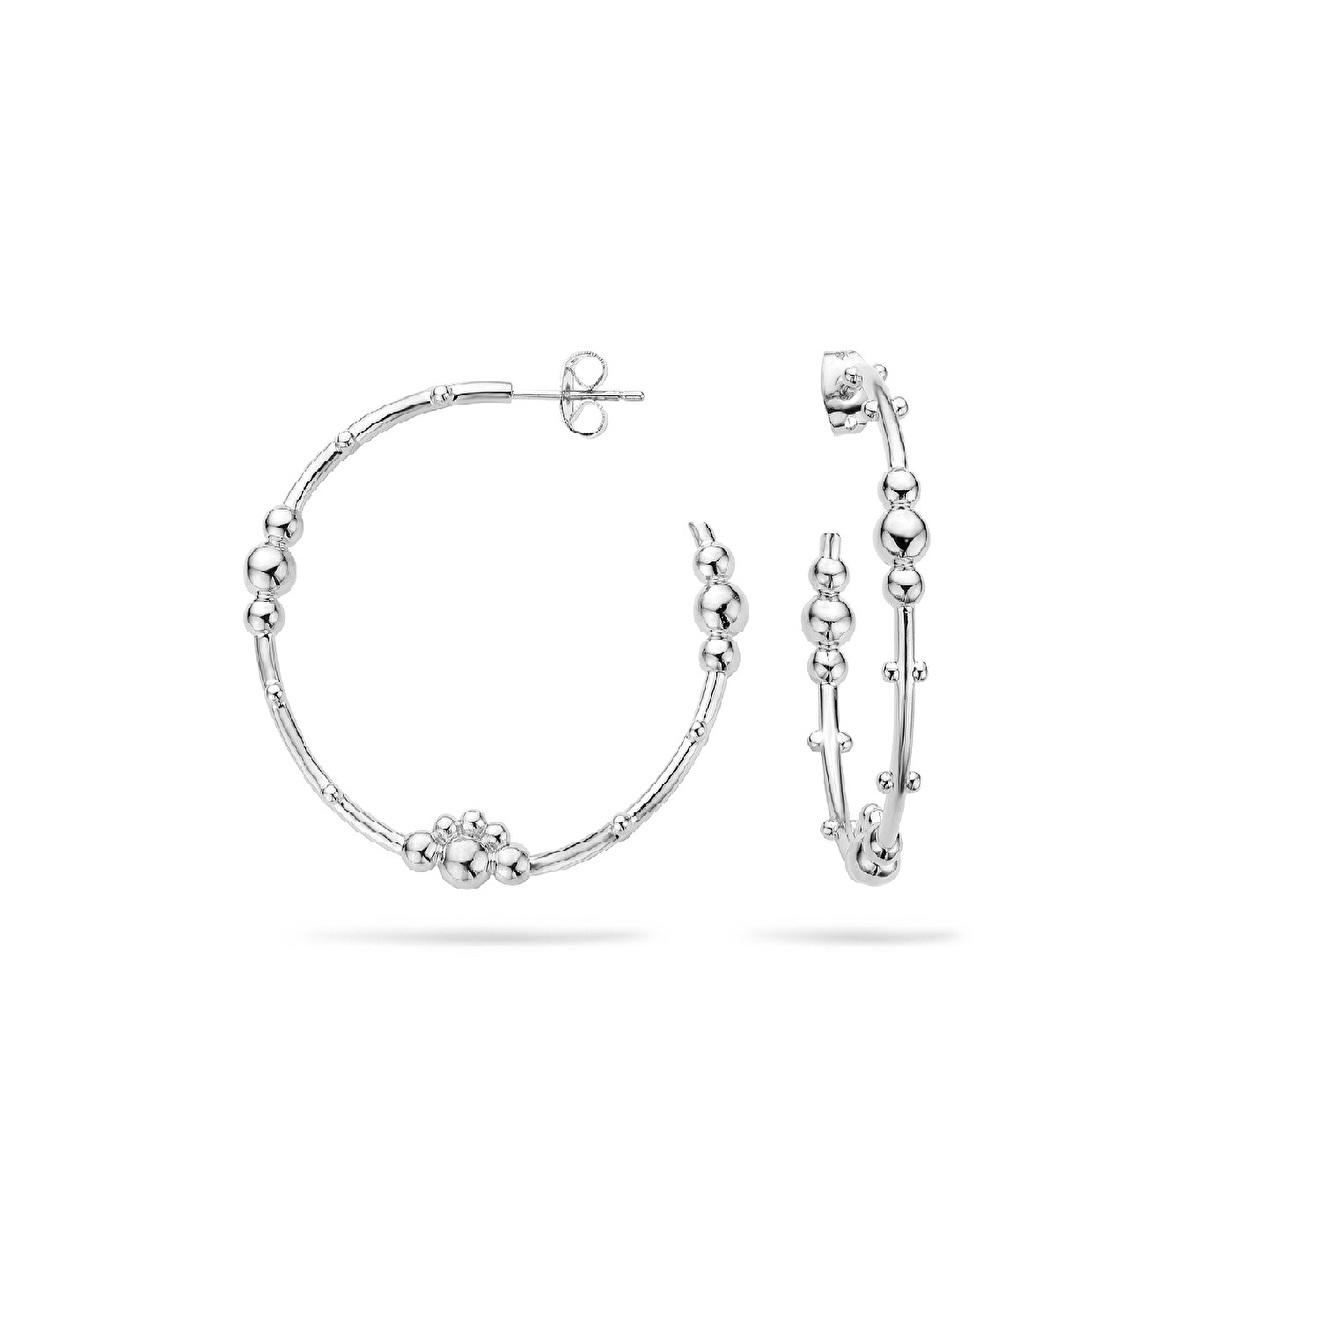 Mya Bay Покрытые серебром серьги-кольца Samula